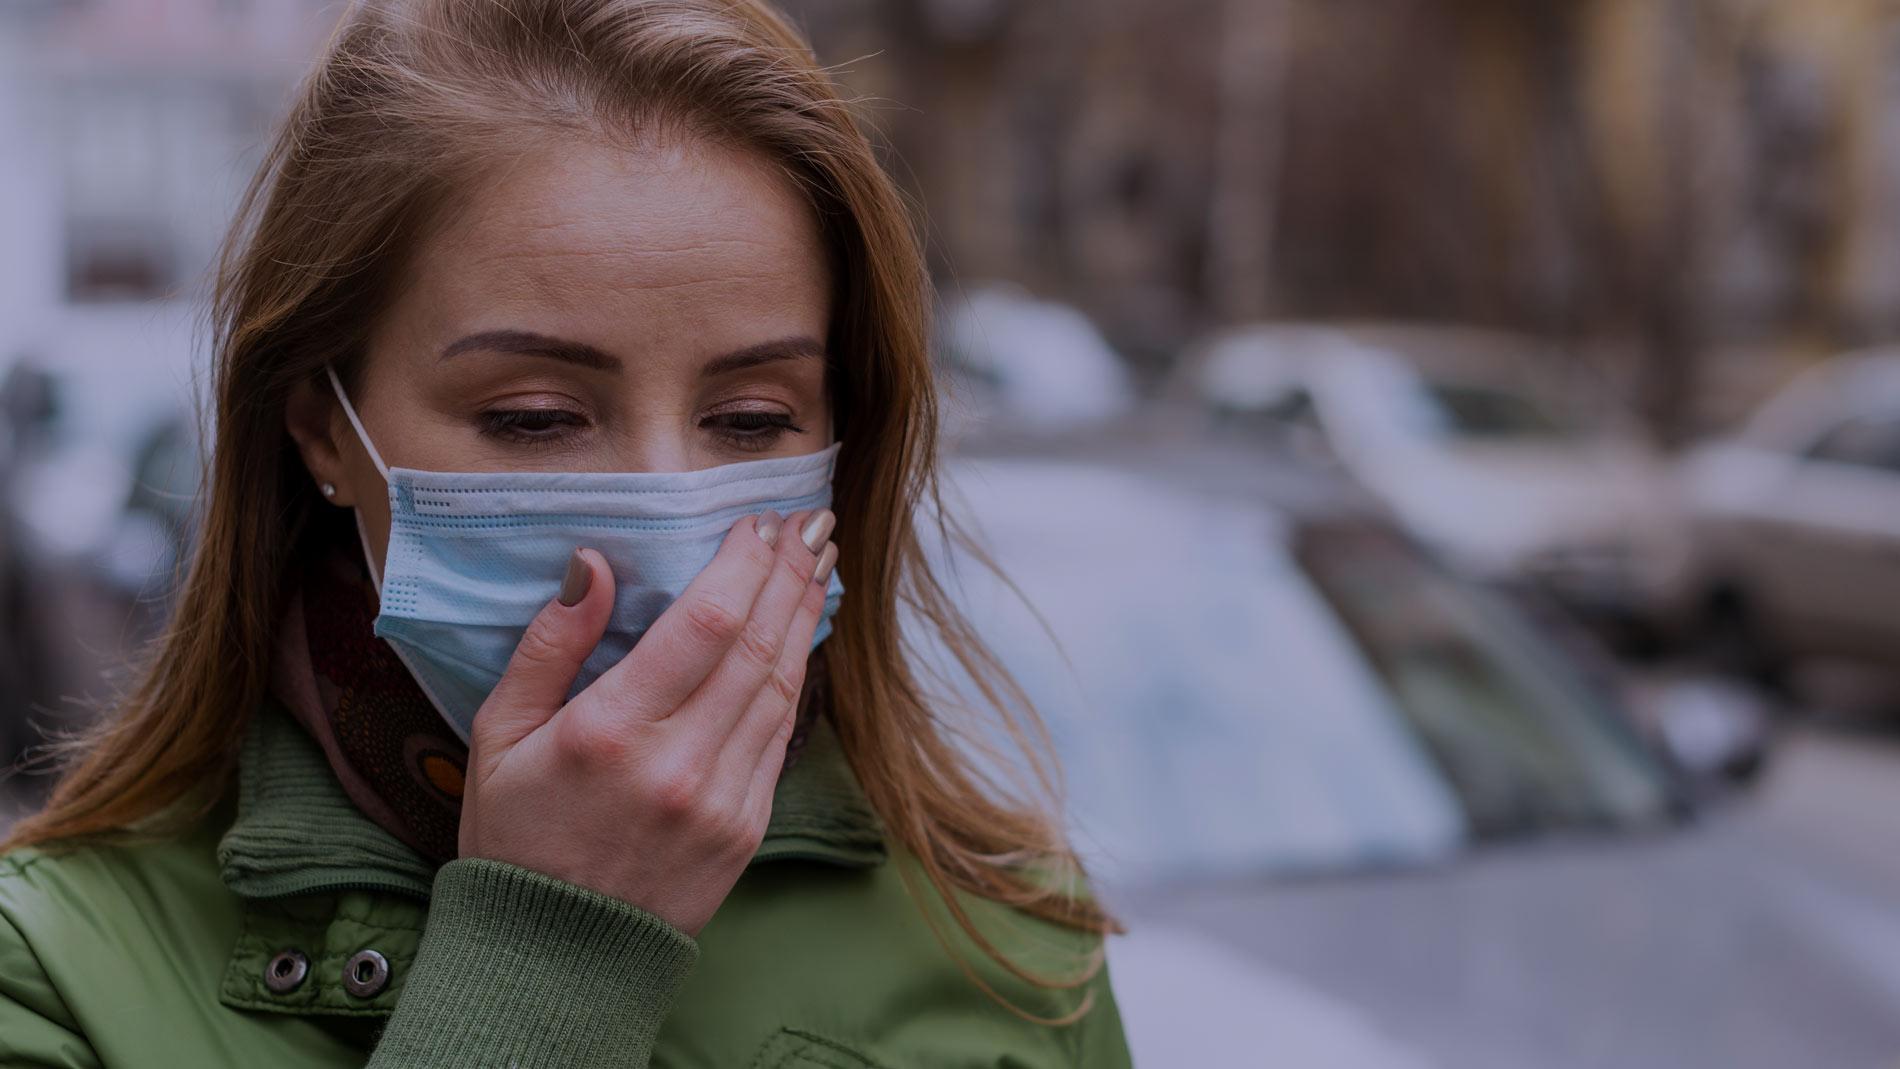 Кислород падает — значит, ковид? Какой уровень считается опасным и почему дело может быть не в лёгких